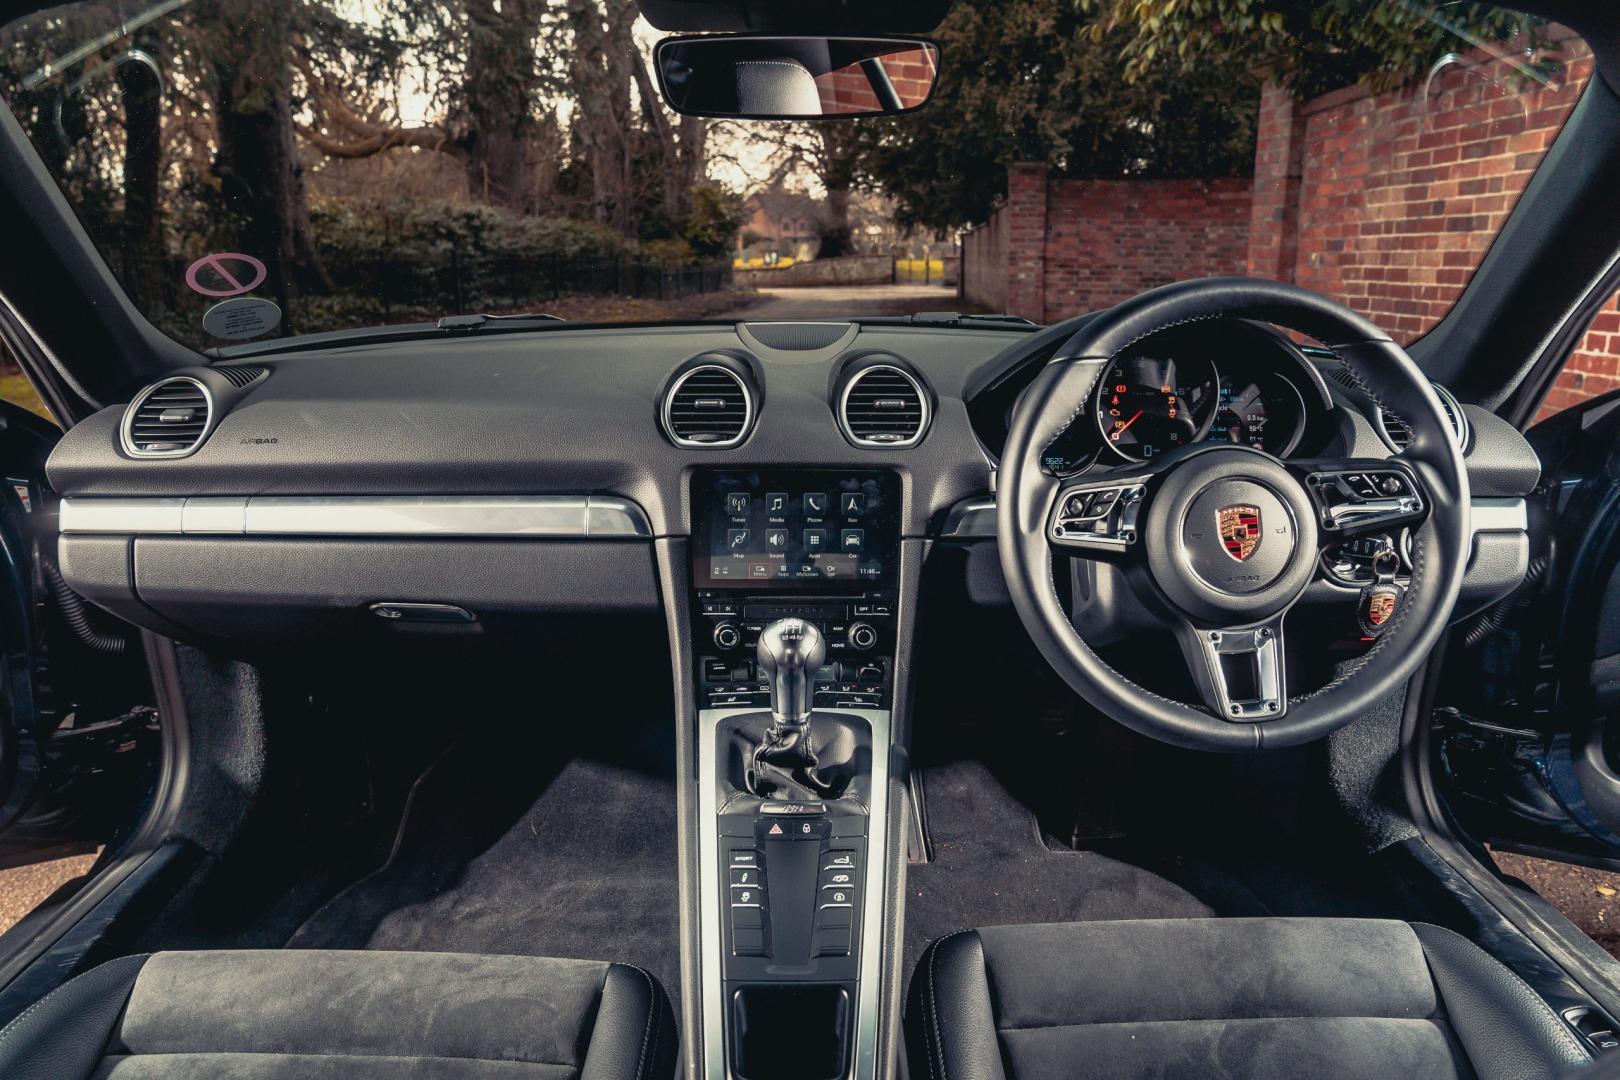 Jaguar F-type 2.0 vs Porsche 718 Cayman